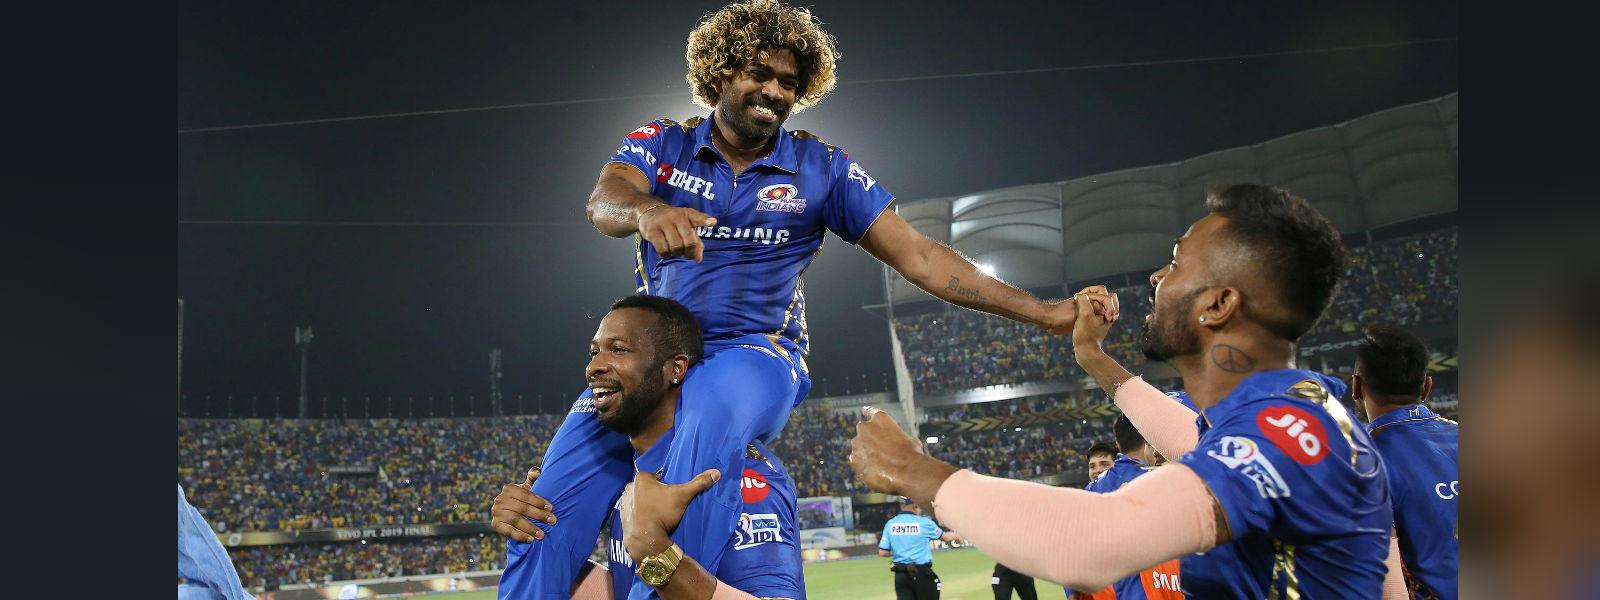 මුම්බායි ඉන්දියන්ස් සිව්වන වරටත් IPL කිරුළ දිනාගනී